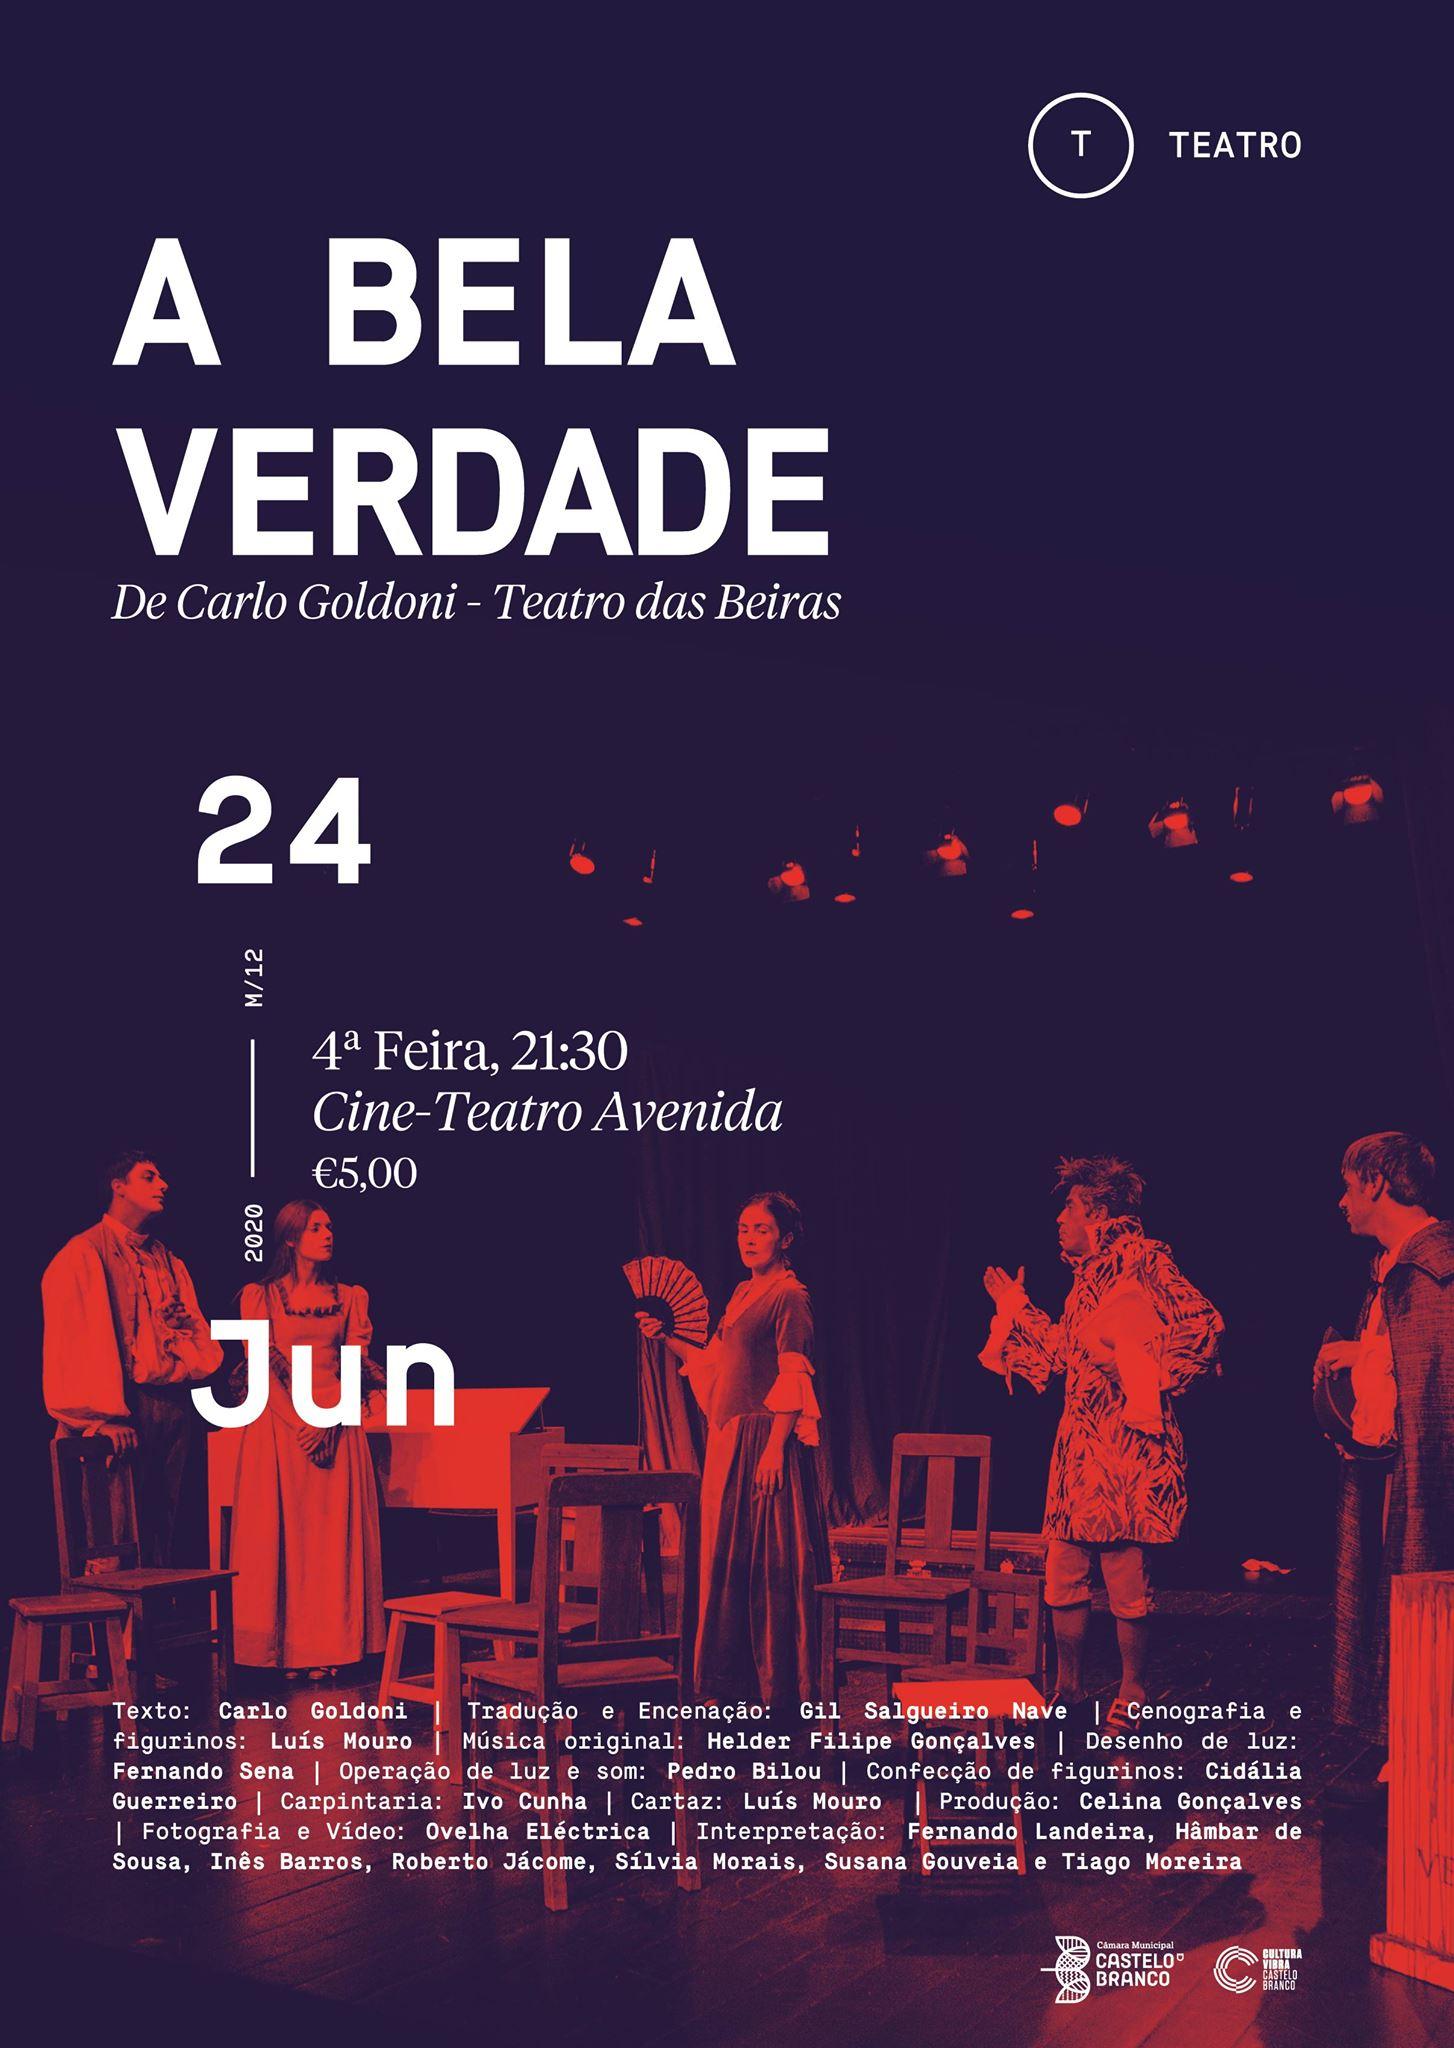 Teatros das Beiras regressa aos palcos em Castelo Branco